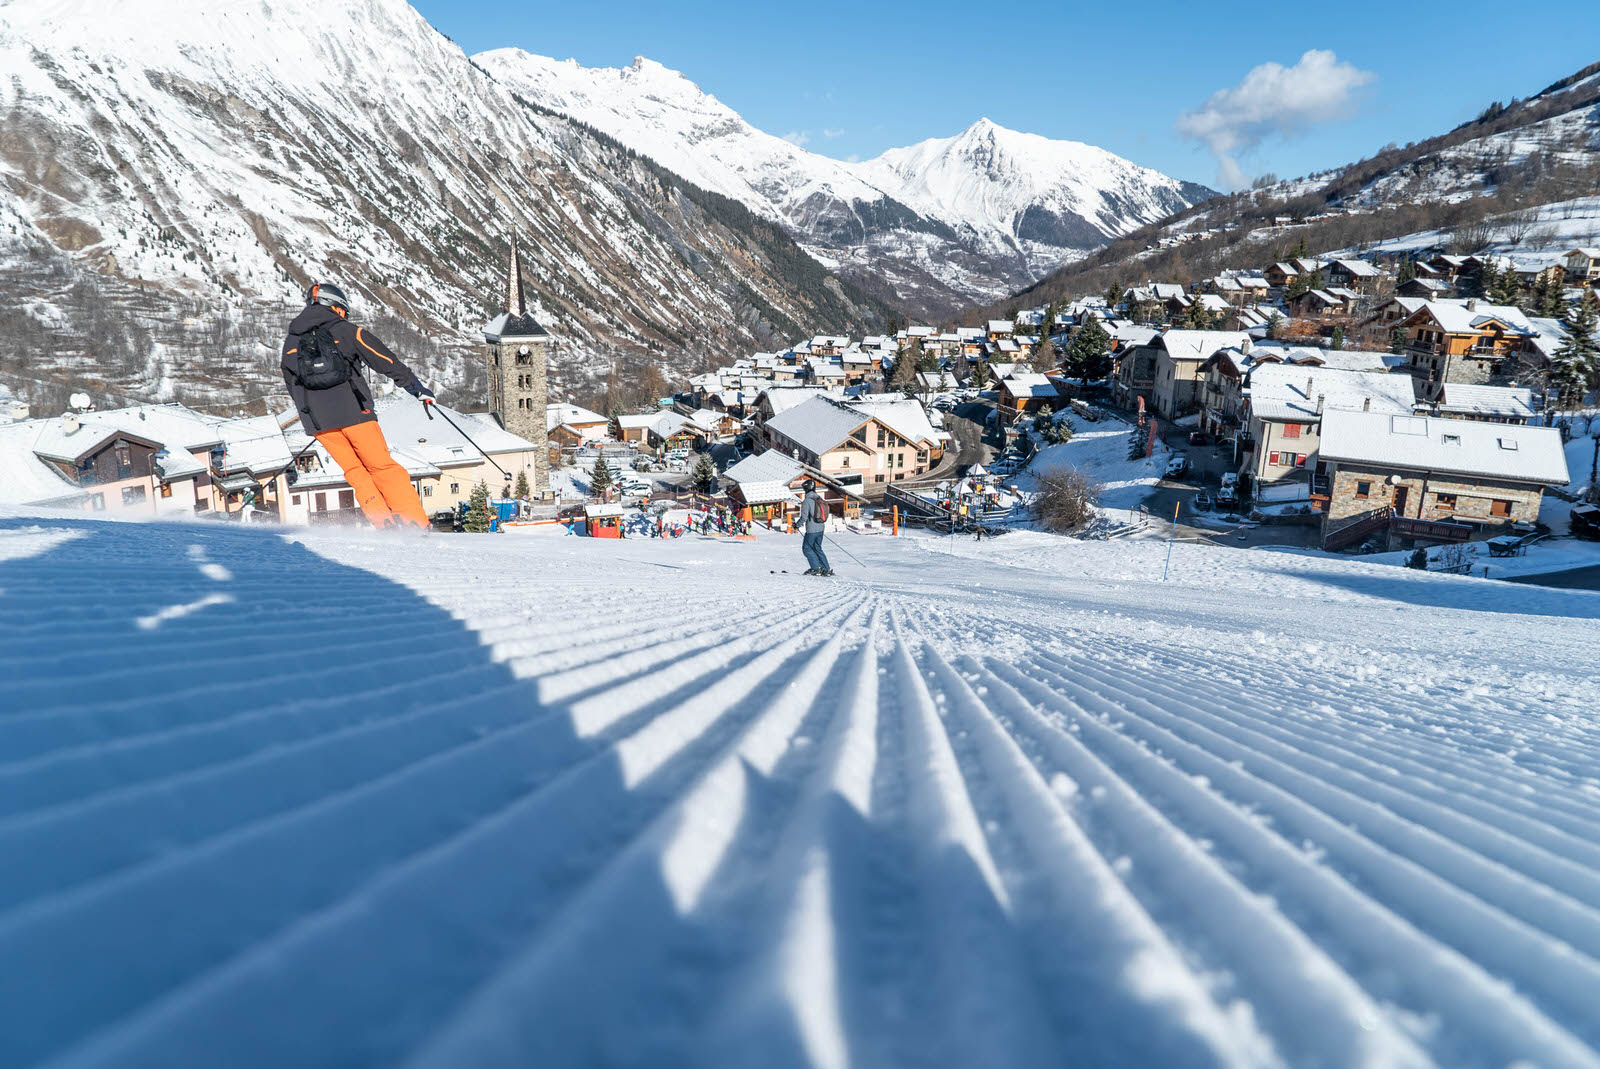 Le village de Saint-Martin-de-Belleville : pistes de ski